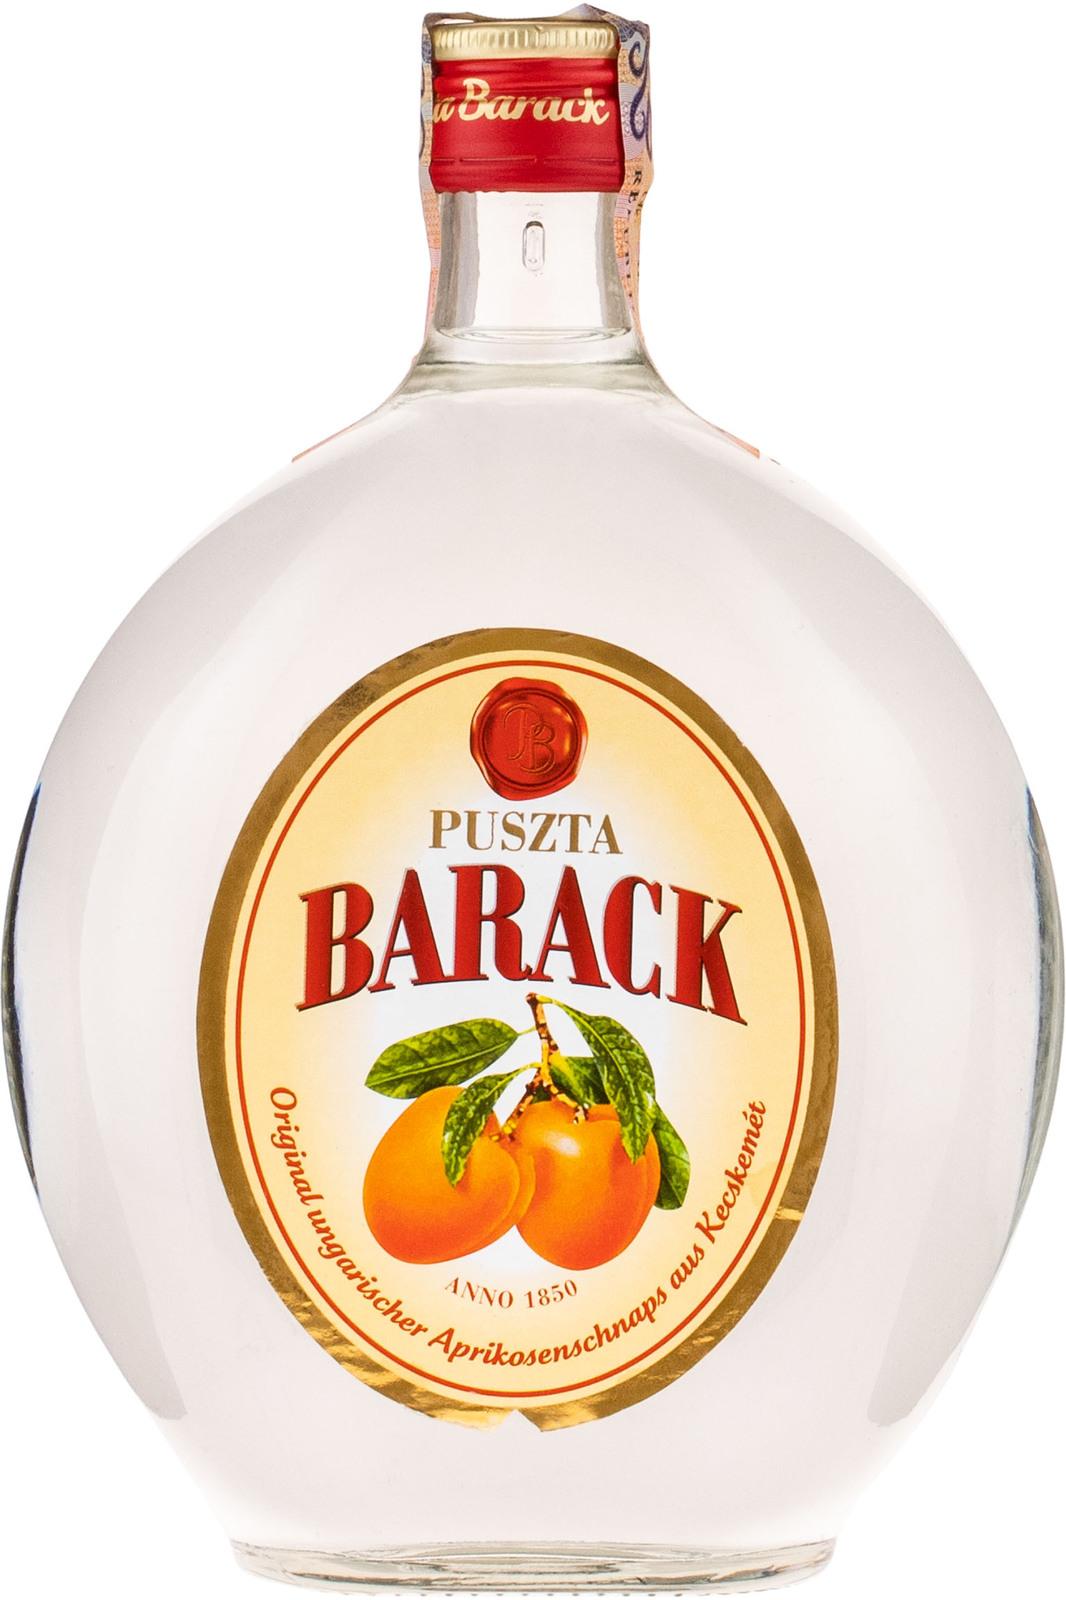 Barack Palinka